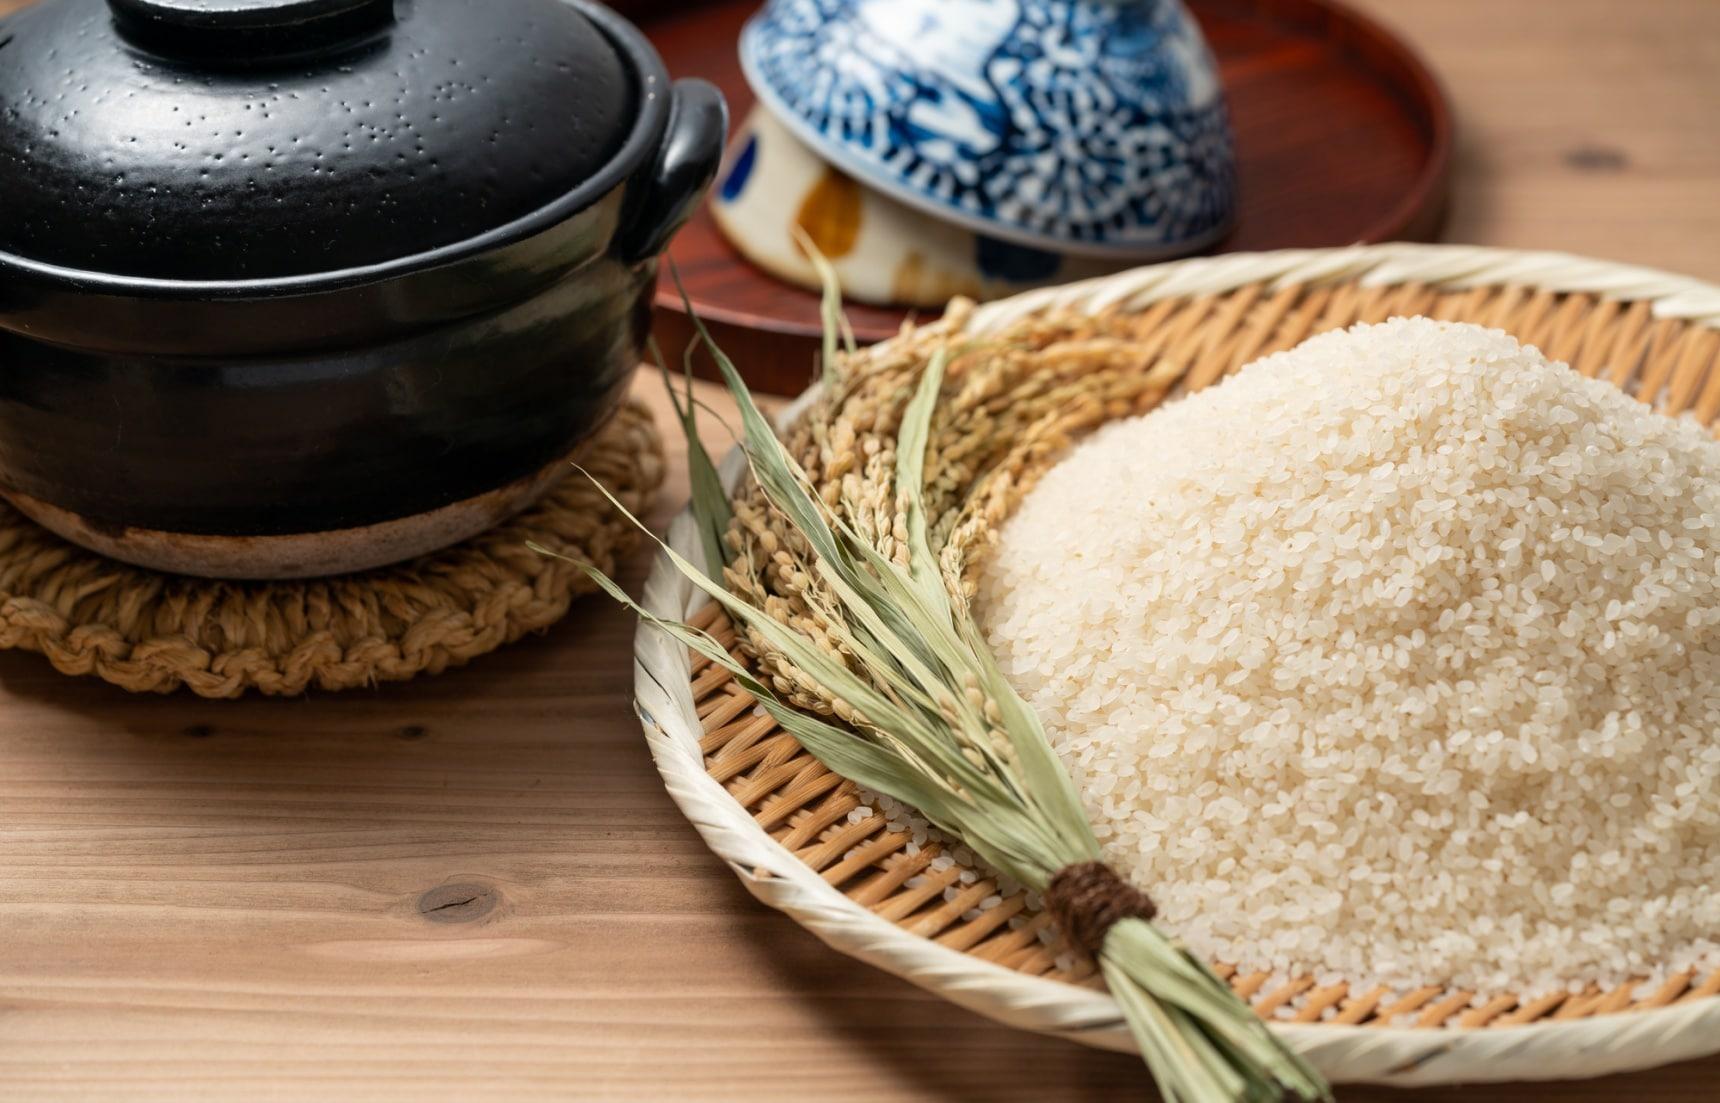 【深度日本】令日本人感到幸福的食物?細說日本米的地位與角色